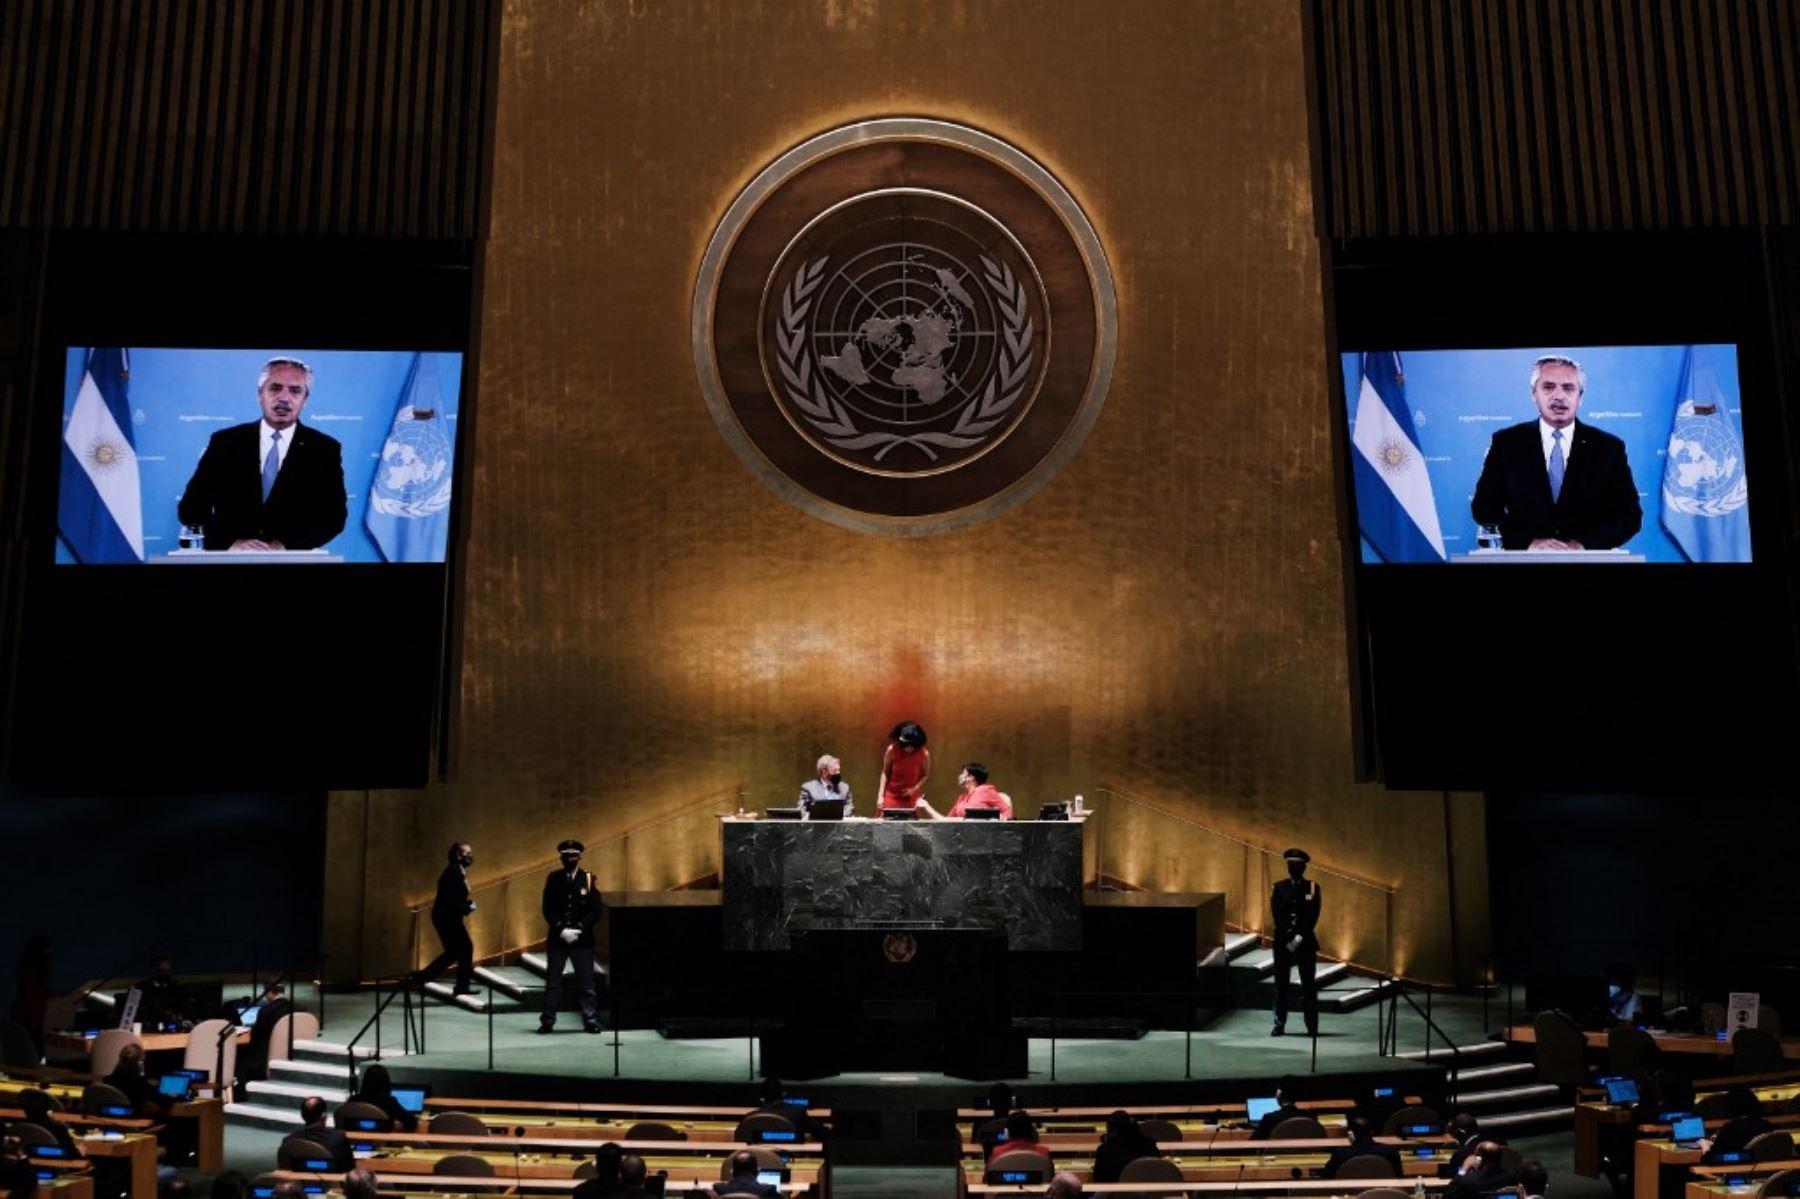 El presidente de Argentina, Alberto Fernández, se dirige virtualmente al 76 ° período de sesiones de la Asamblea General de la ONU el 21 de septiembre de 2021 en Nueva York. Foto: AFP